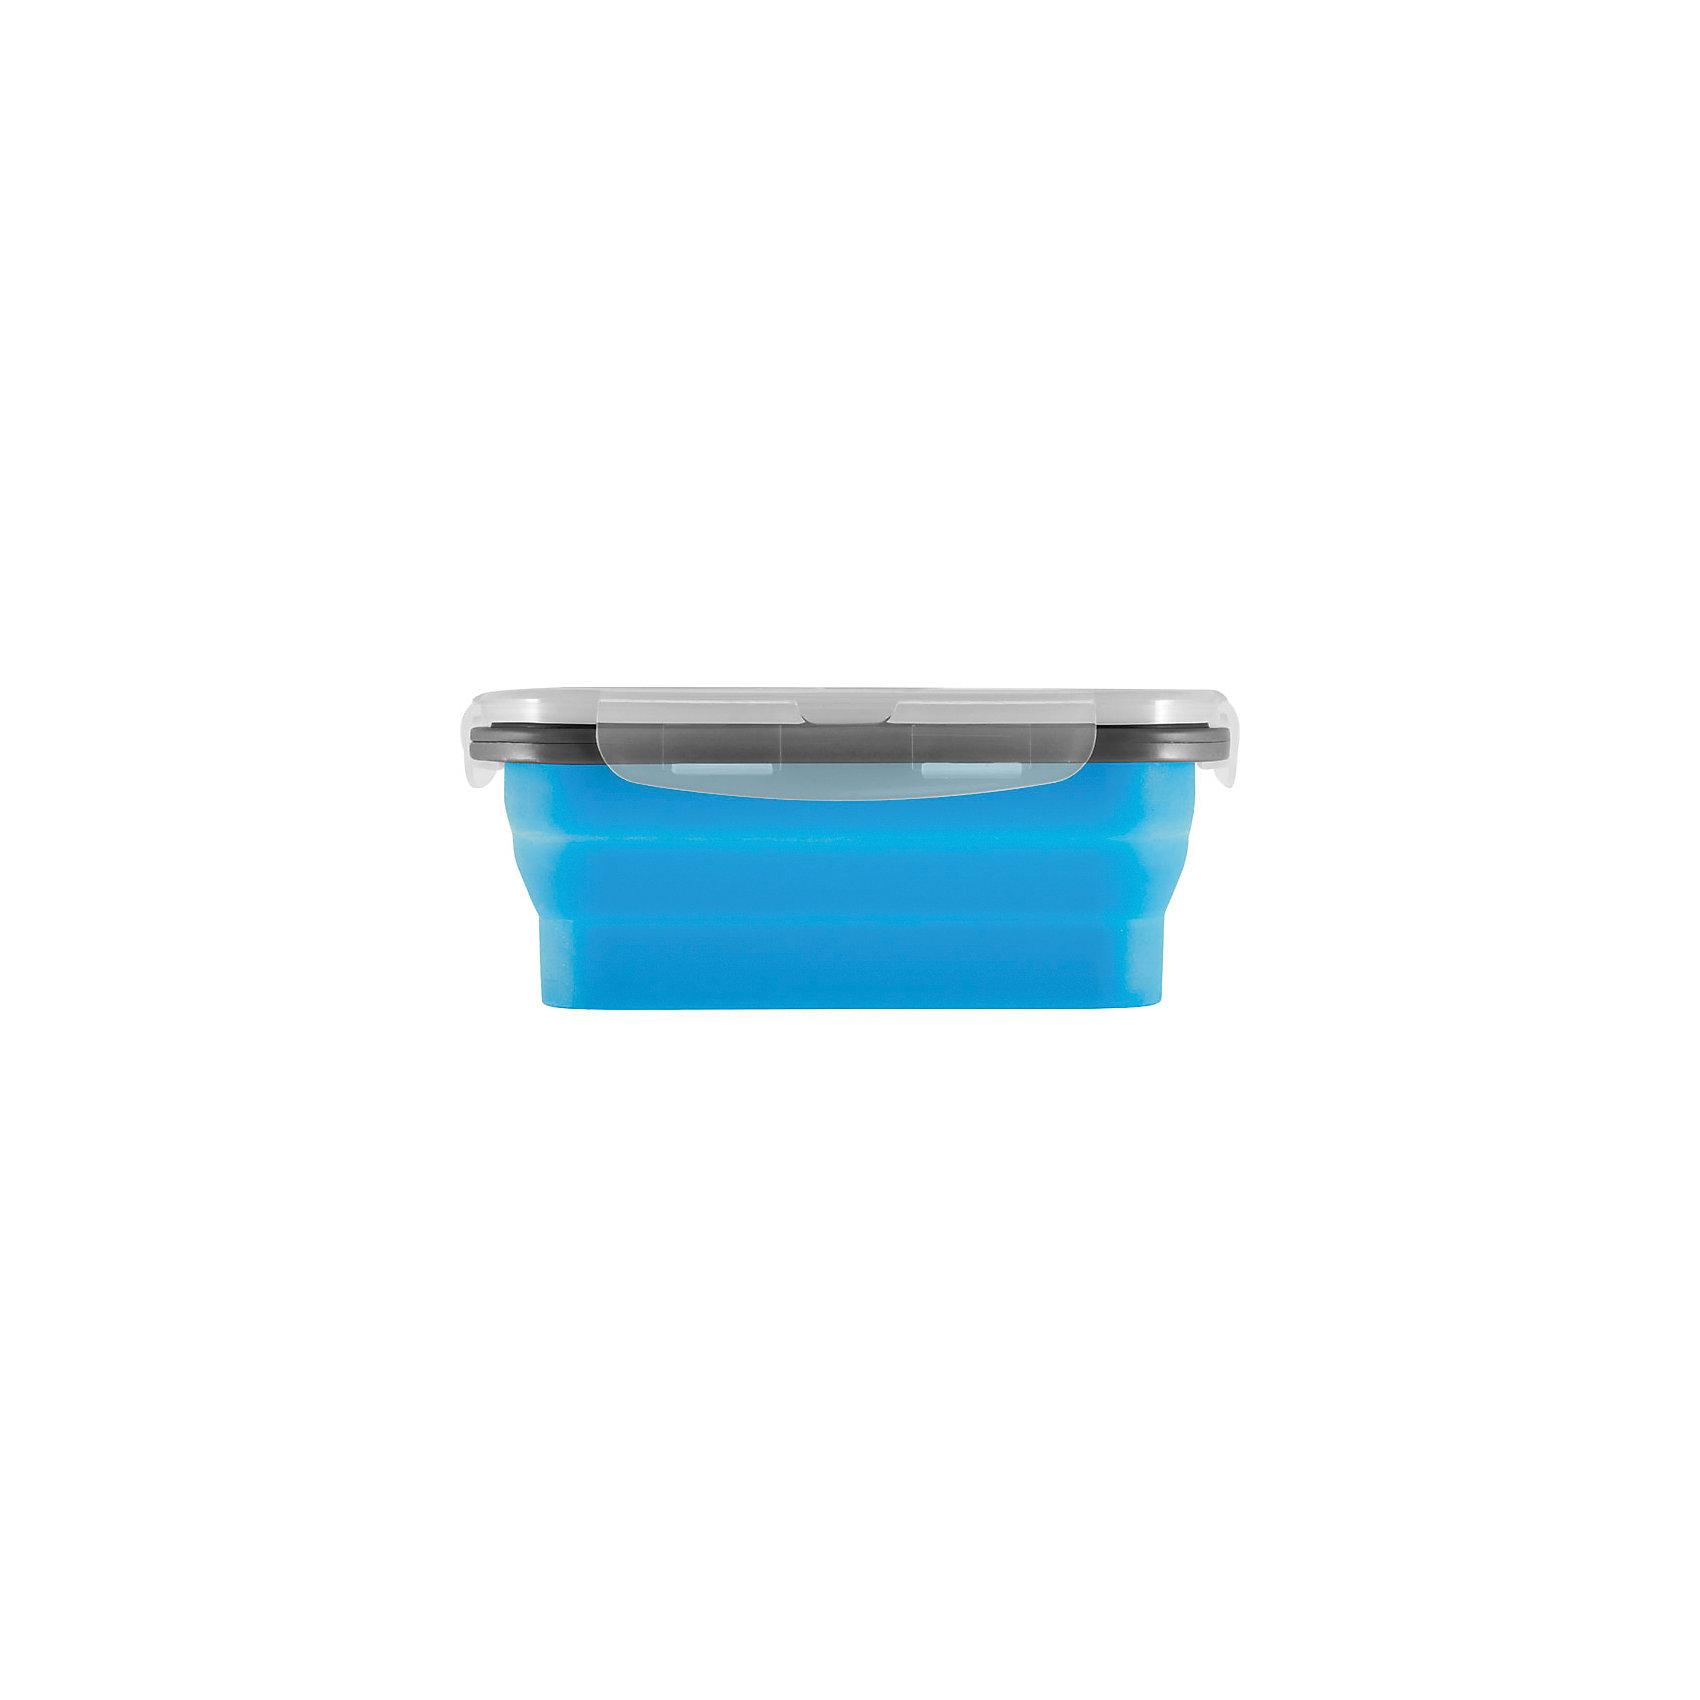 Силиконовый контейнер для еды с крышкой EL-350, MallonyКонтейнер с крышкой пригодится для того, чтобы взять бутерброды с собой в дорогу – это может быть школьный обед или поездка. Контейнер также используется для хранения еды в холодильнике. Крышка герметично закрывается. <br><br>Дополнительная информация:<br><br>Размер: 12,5х9х6,4 см<br>Объем: 350 мл<br><br>Материал: полипропилен, пищевой силикон<br><br>ВНИМАНИЕ! Данный артикул имеется в наличии в разных цветовых исполнениях (голубой, оранжевый). <br>К сожалению, заранее выбрать определенный цвет невозможно.<br><br>Силиконовый контейнер для еды с крышкой EL-350, Mallony можно купить в нашем интернет-магазине.<br><br>Ширина мм: 130<br>Глубина мм: 100<br>Высота мм: 30<br>Вес г: 128<br>Возраст от месяцев: 216<br>Возраст до месяцев: 1080<br>Пол: Унисекс<br>Возраст: Детский<br>SKU: 4989858